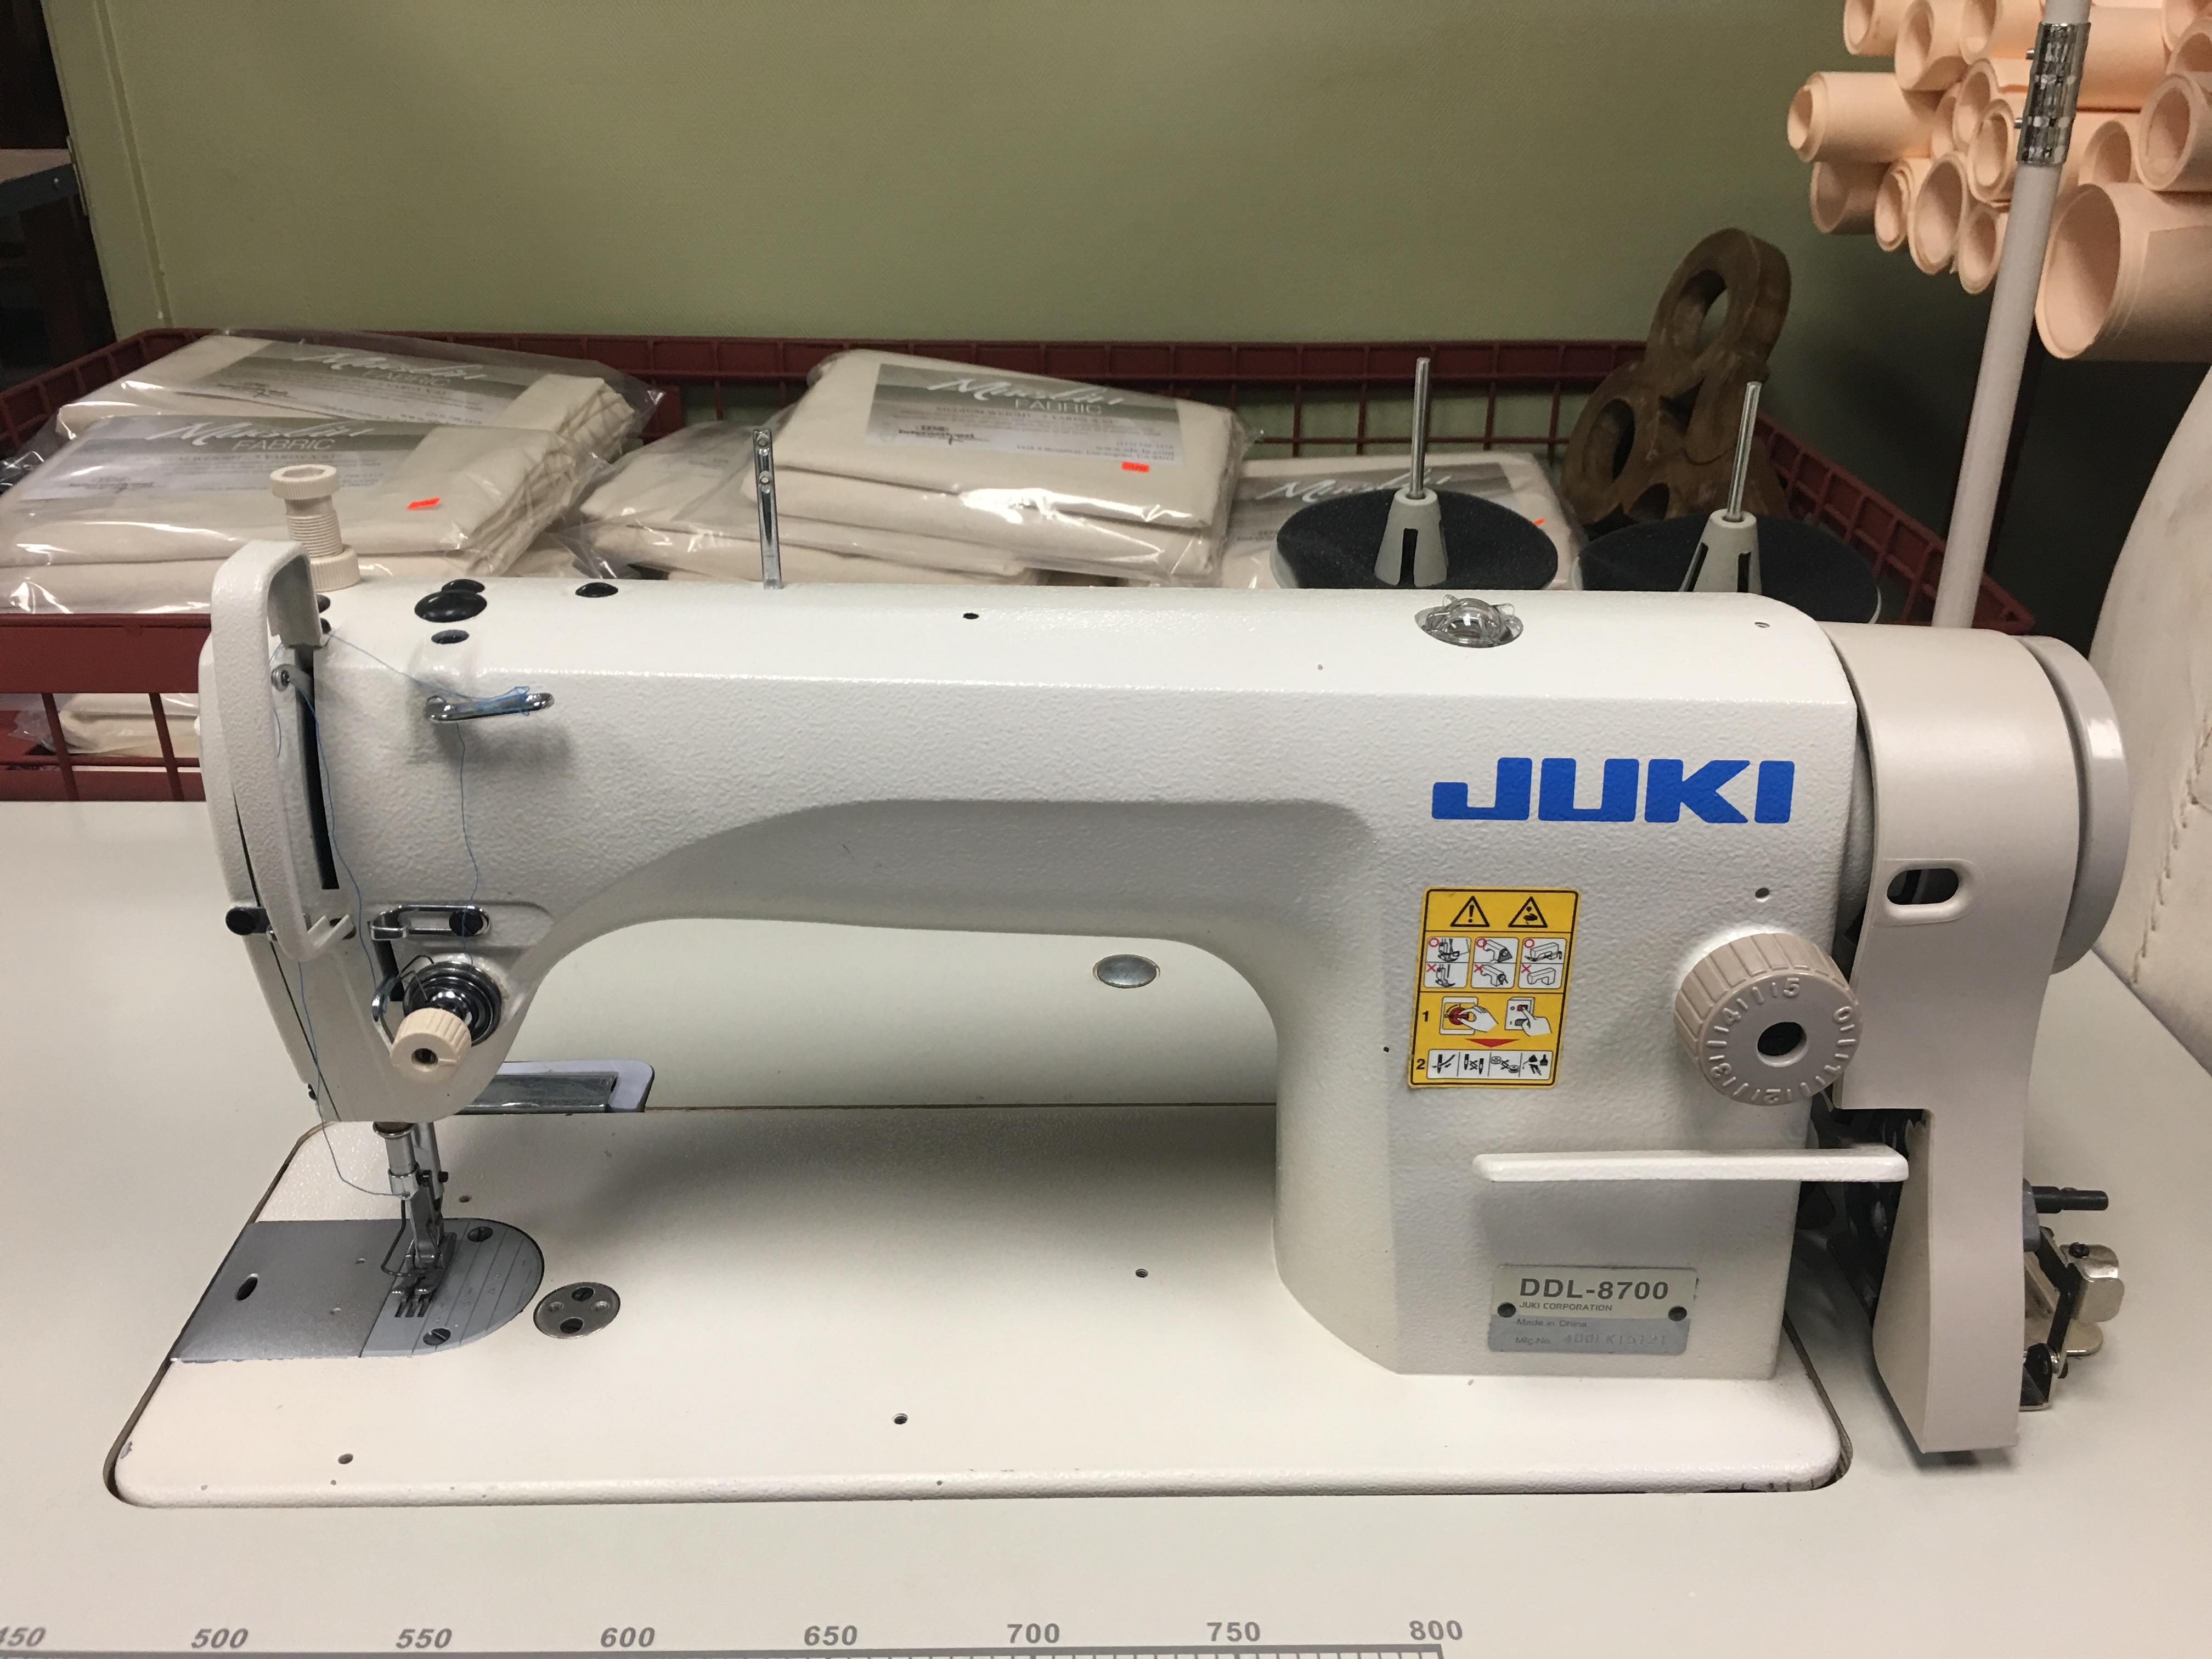 Juki DDL-8700  1-needle, Lockstitch Machine